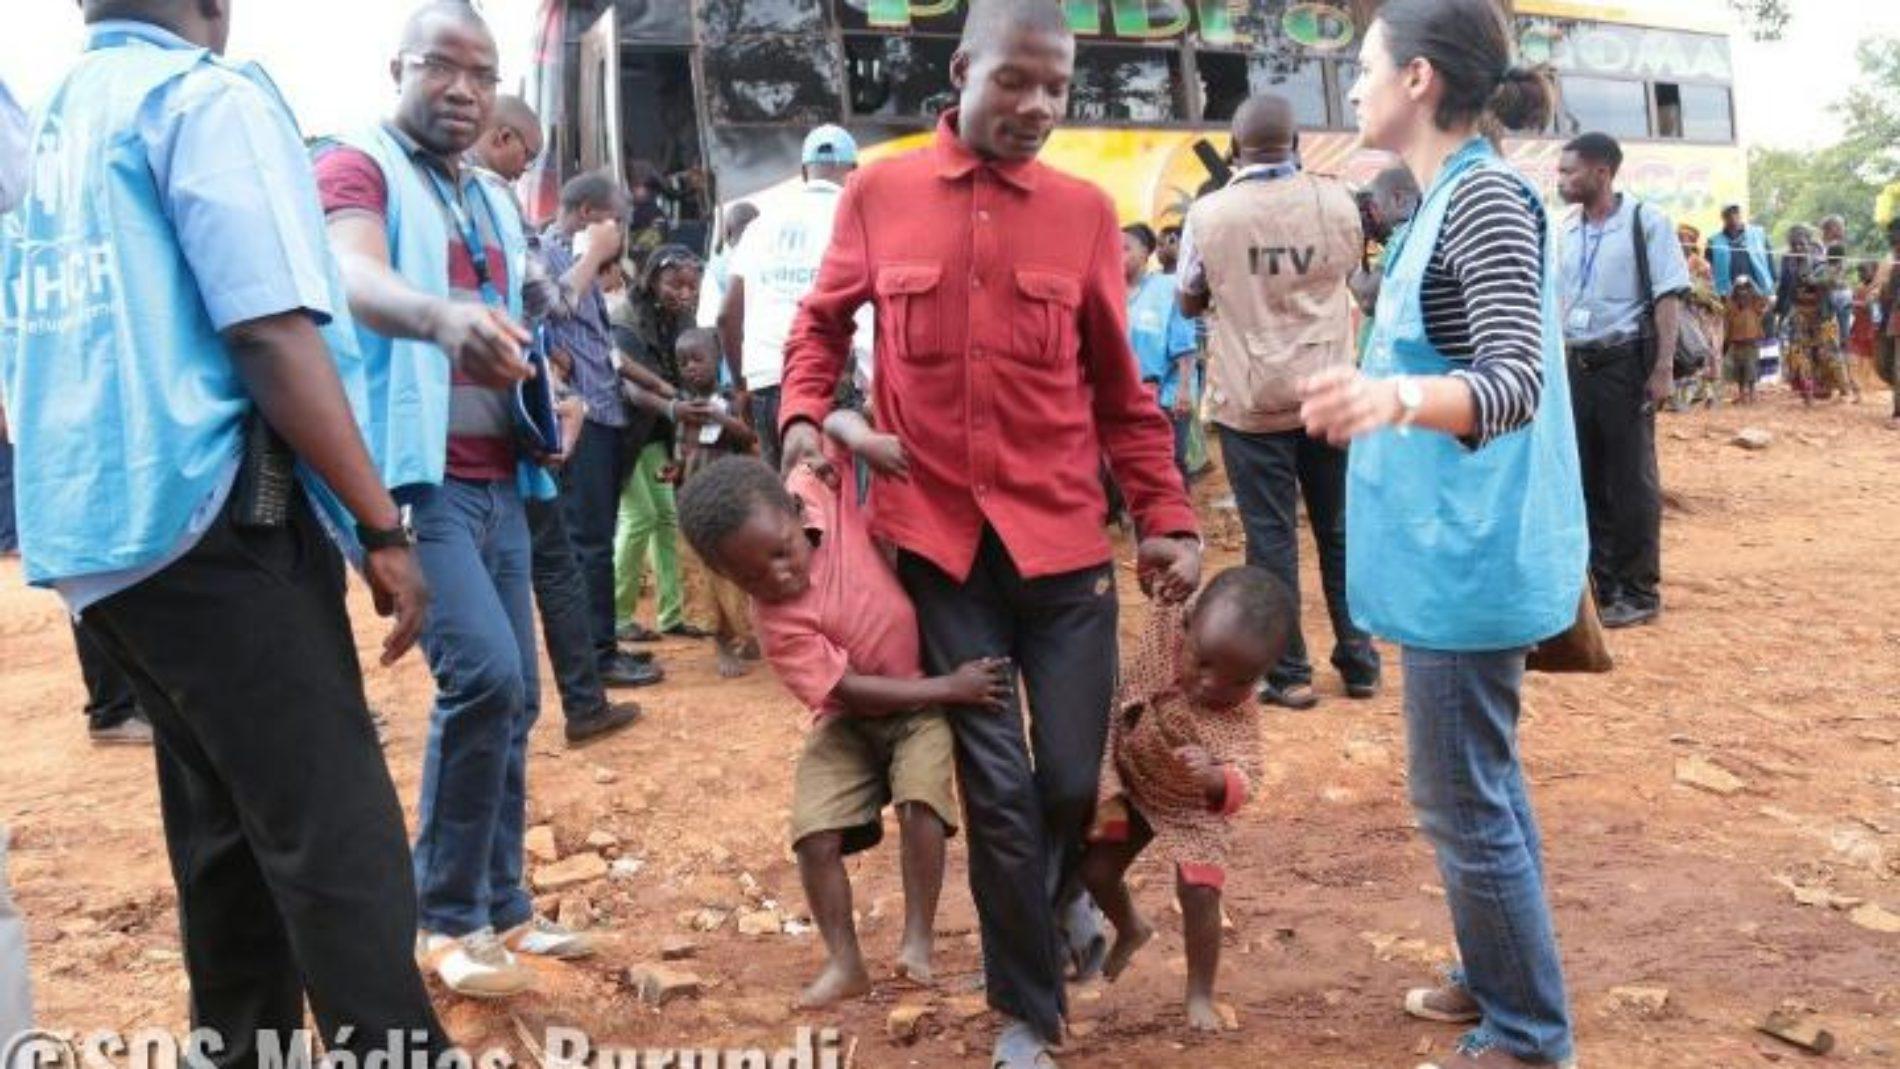 Tanzanie: les réfugiés Burundais en Tanzanie demandent d'être délocalisés